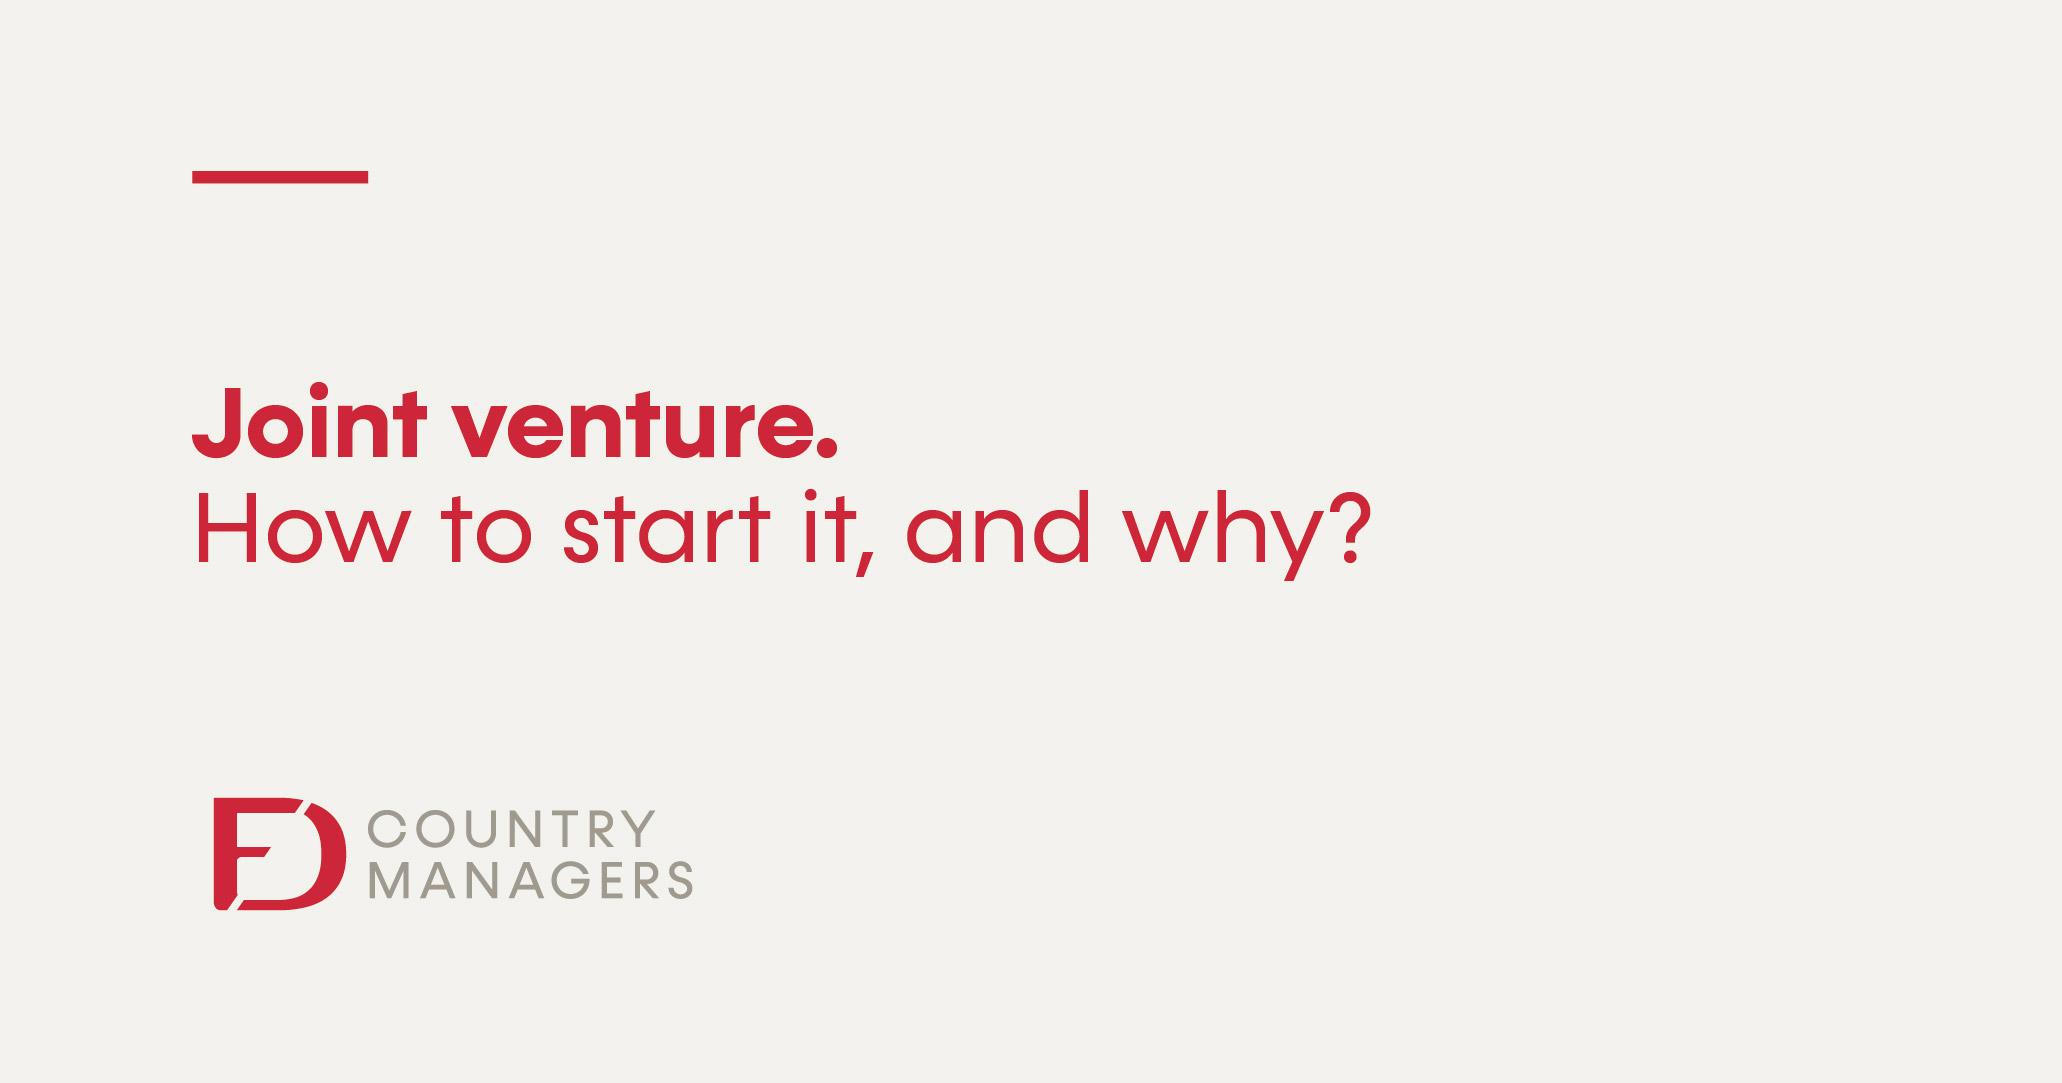 Joint Venture. ¿Cómo iniciarla y por qué hacerlo?